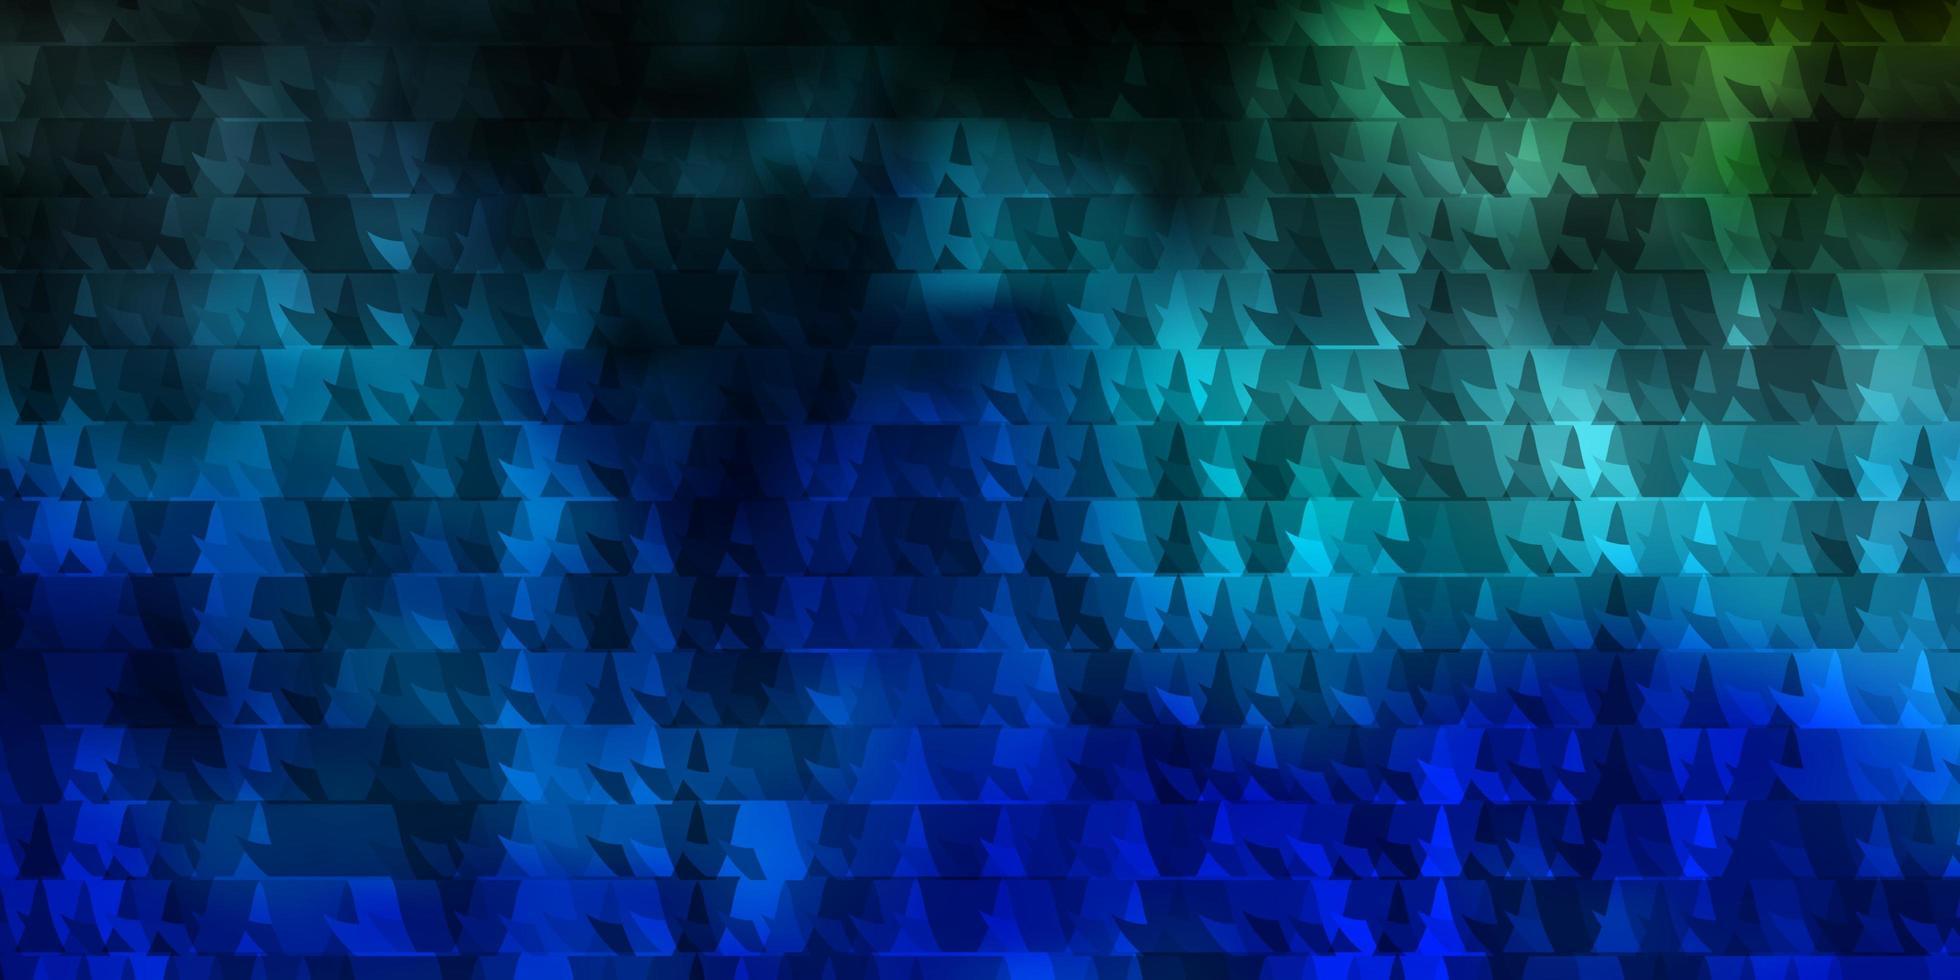 mörkblå, grön vektormall med linjer, trianglar. vektor